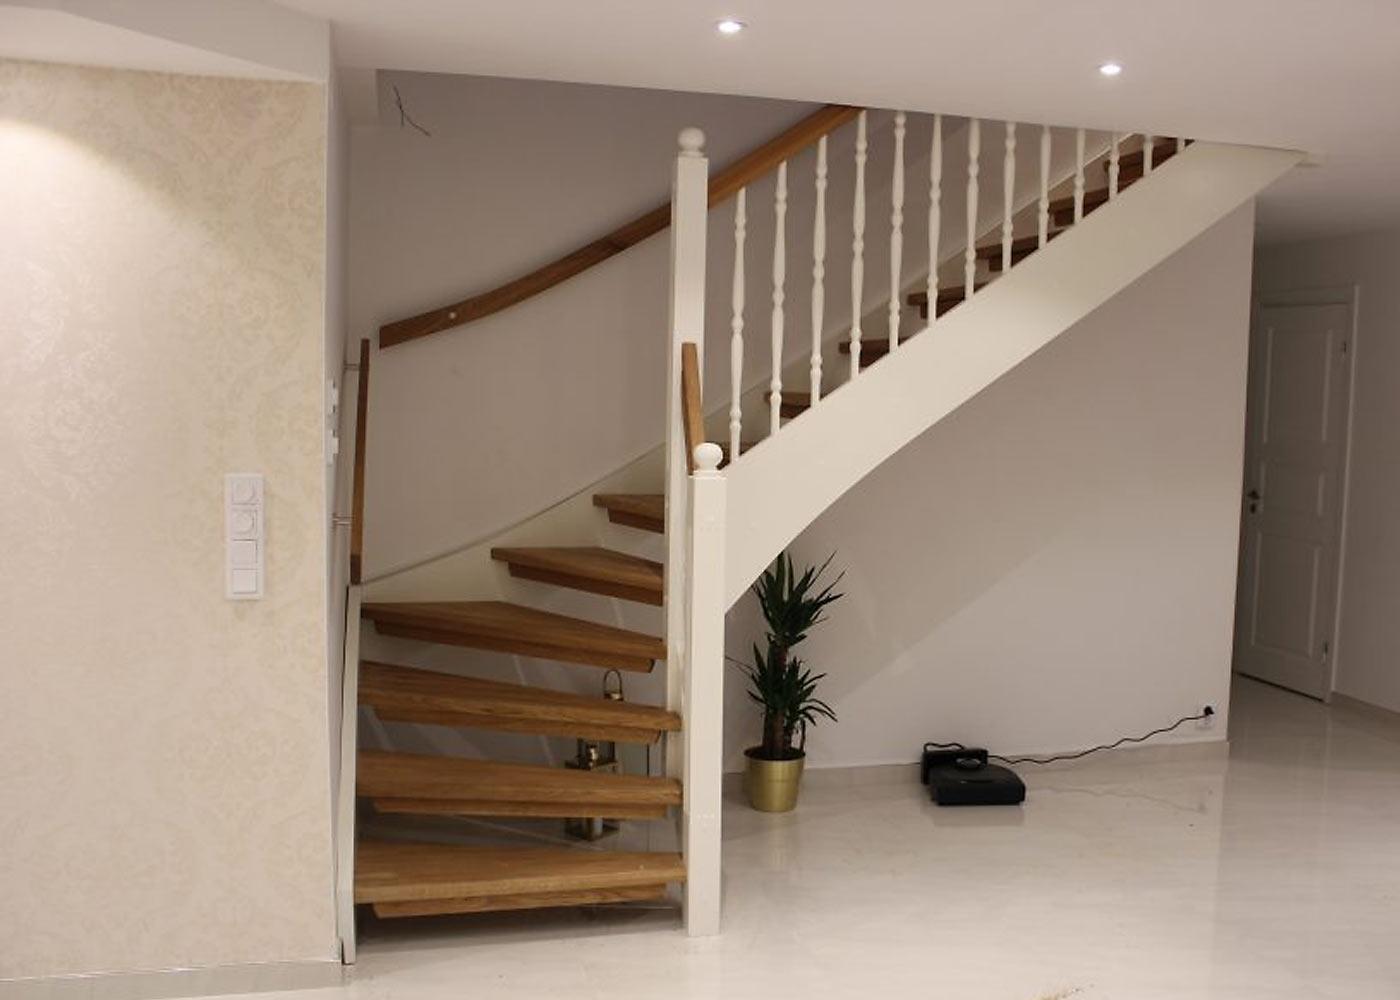 L-trappa -trapptillverkaren trappor